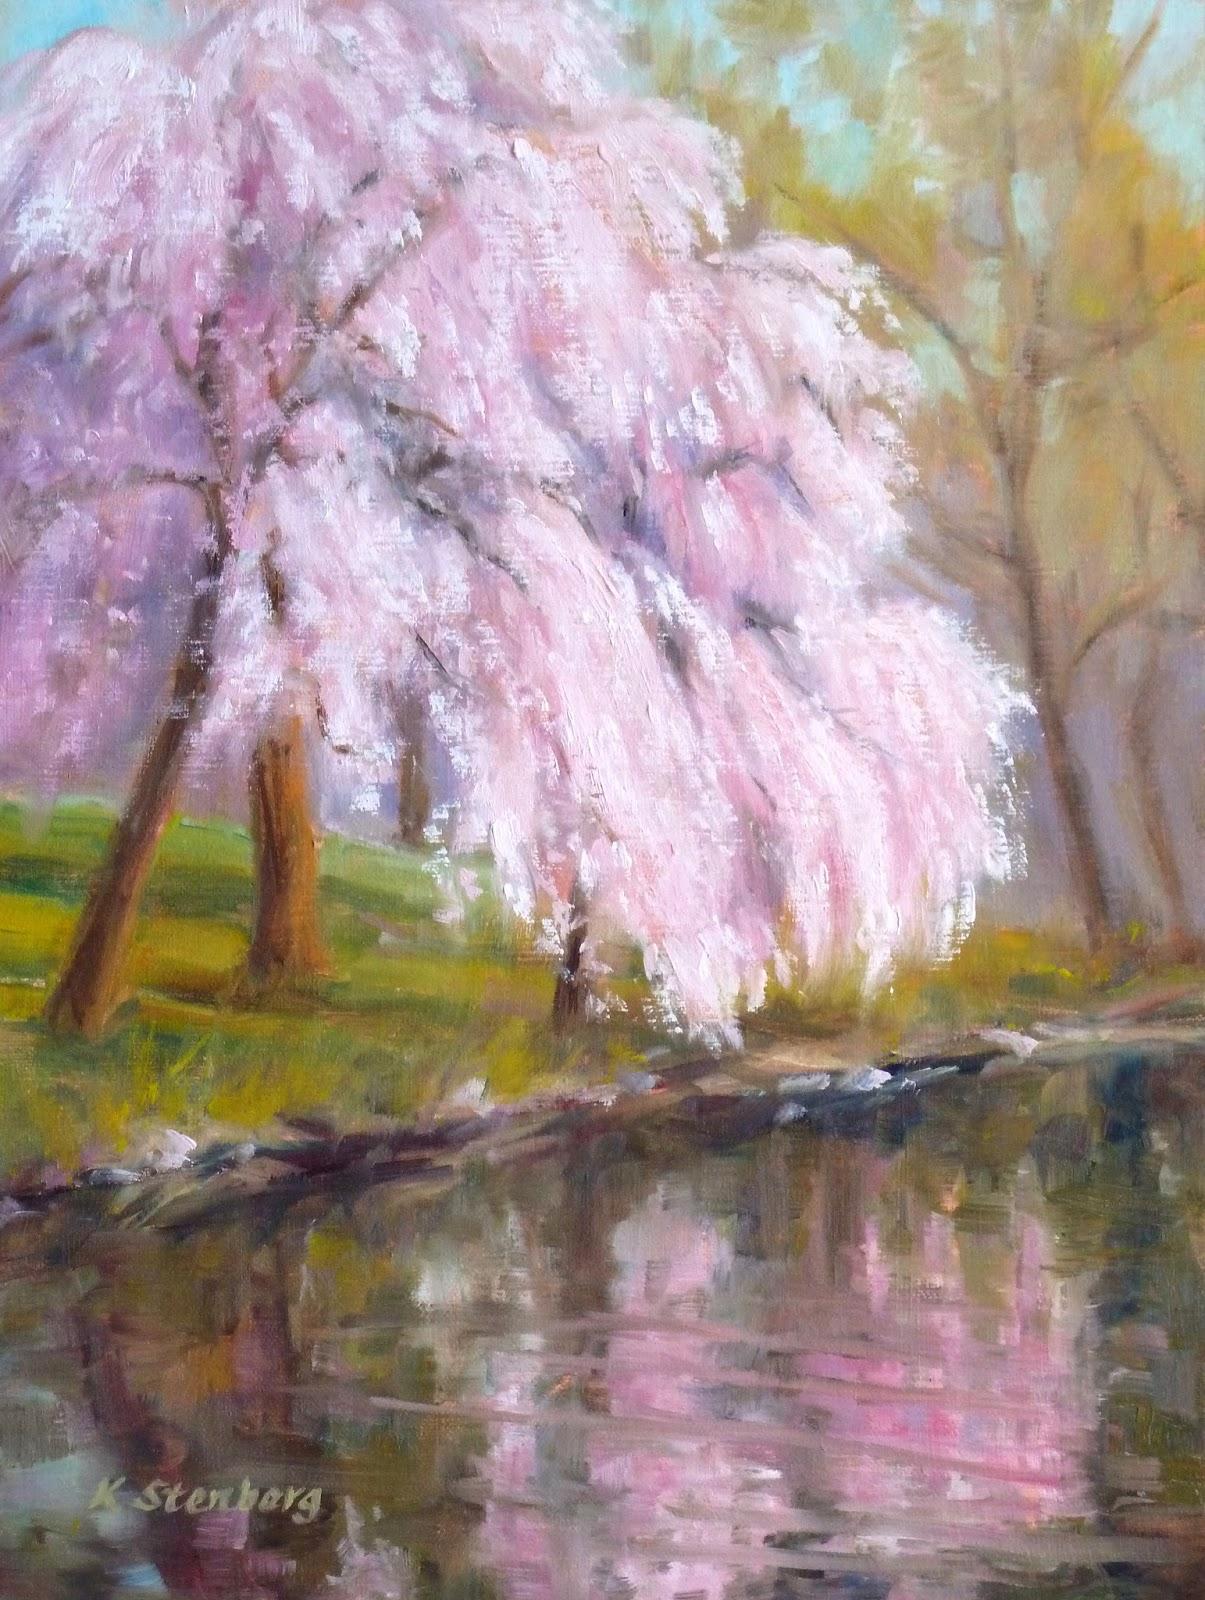 Kim Stenberg S Painting Journal Cherry Blossom Season Oil On